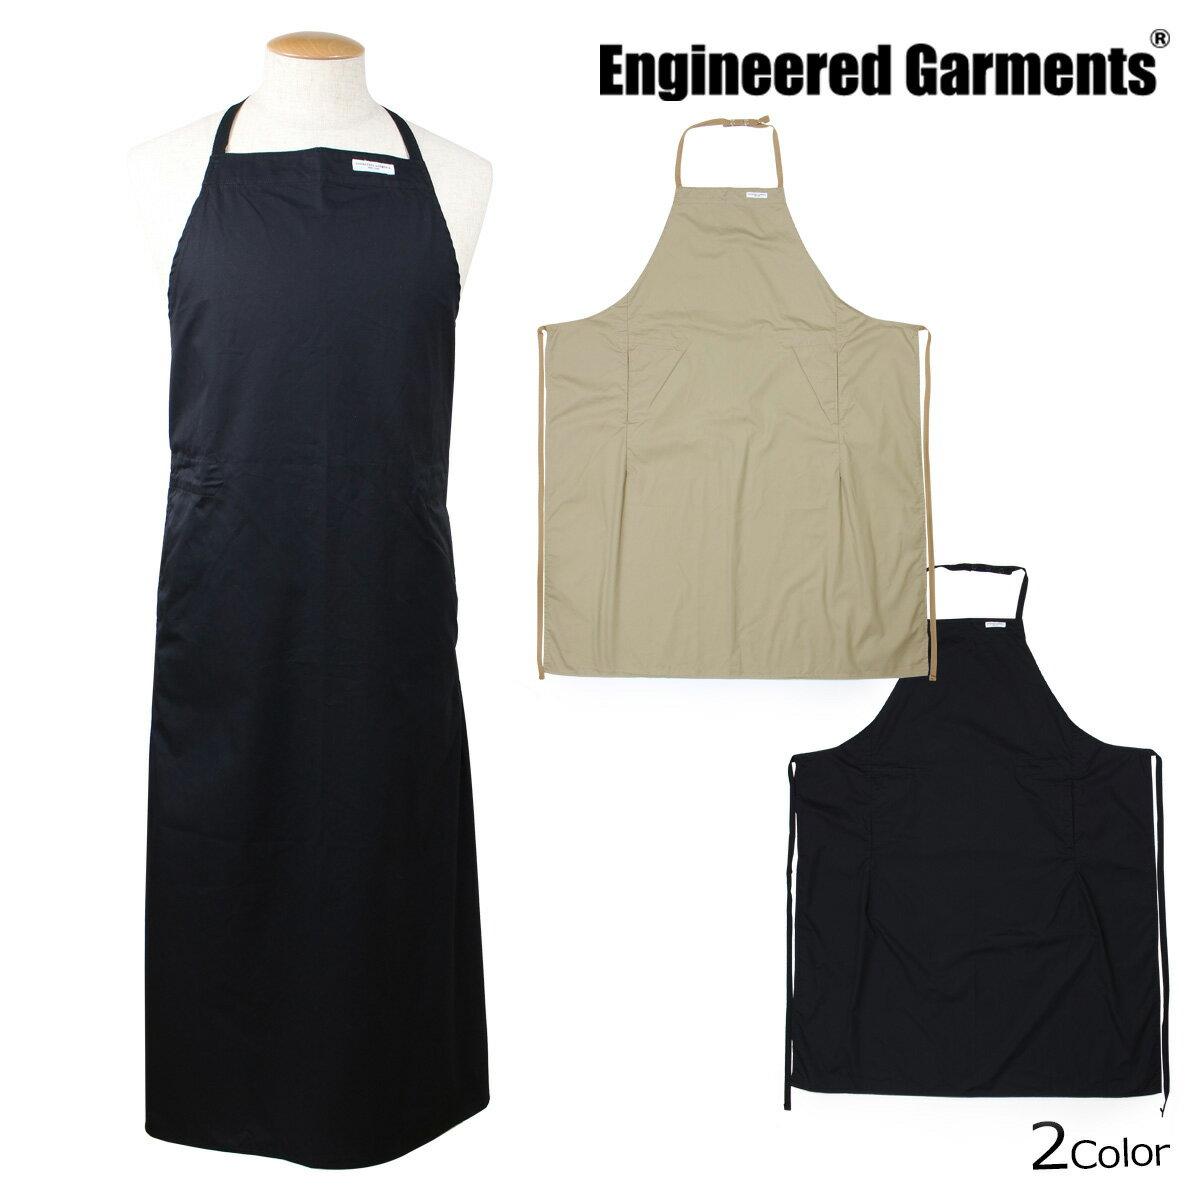 ENGINEERED GARMENTS NEW LONG APRON エンジニアドガーメンツ エプロン 大きいサイズ レディース メンズ ブラック カーキ [184]